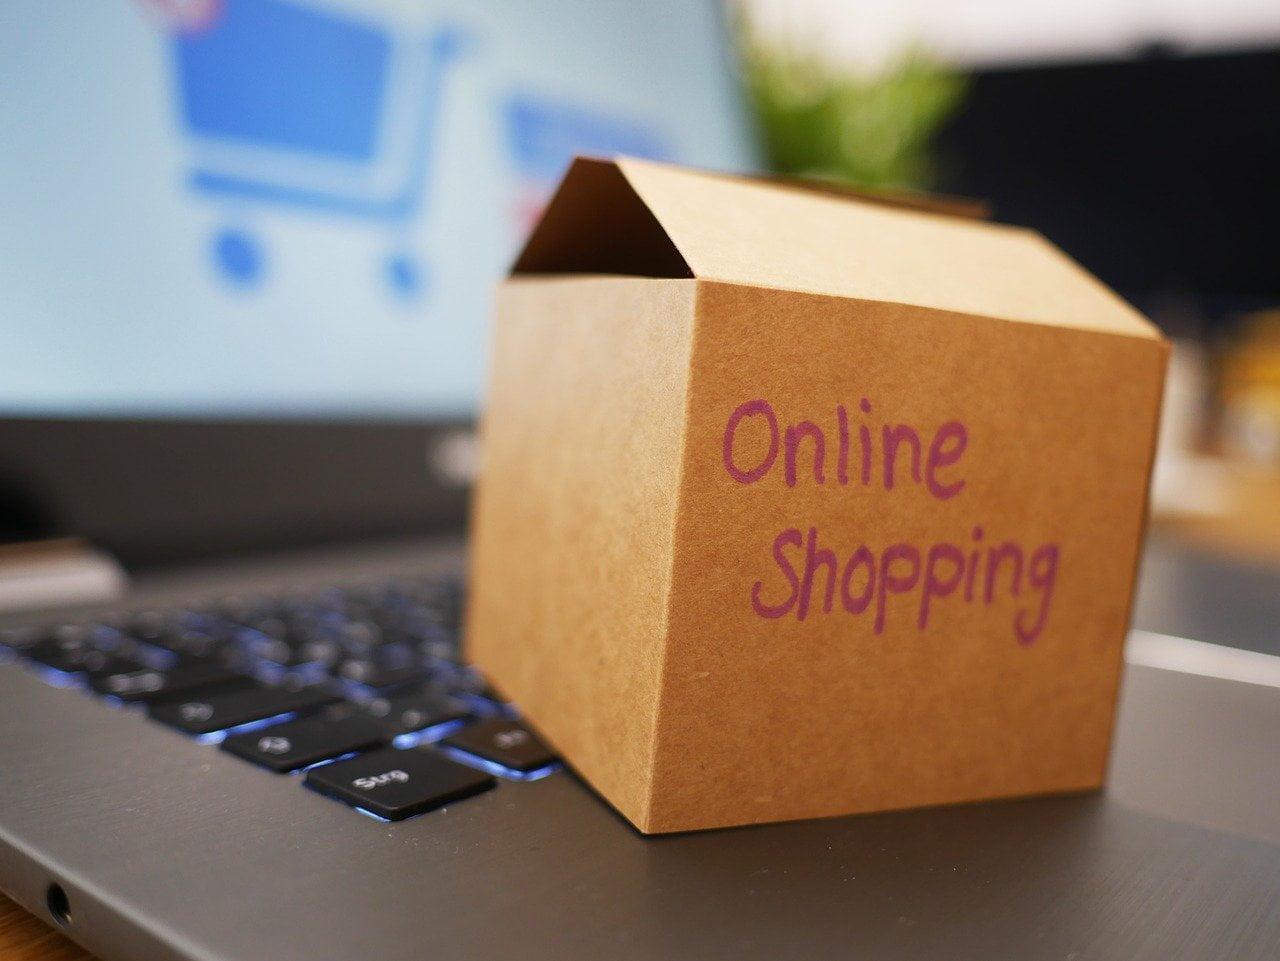 Handel internetowy zeznacznym wzrostem. Wtym roku może stanowić 25% ogólnego obrotu